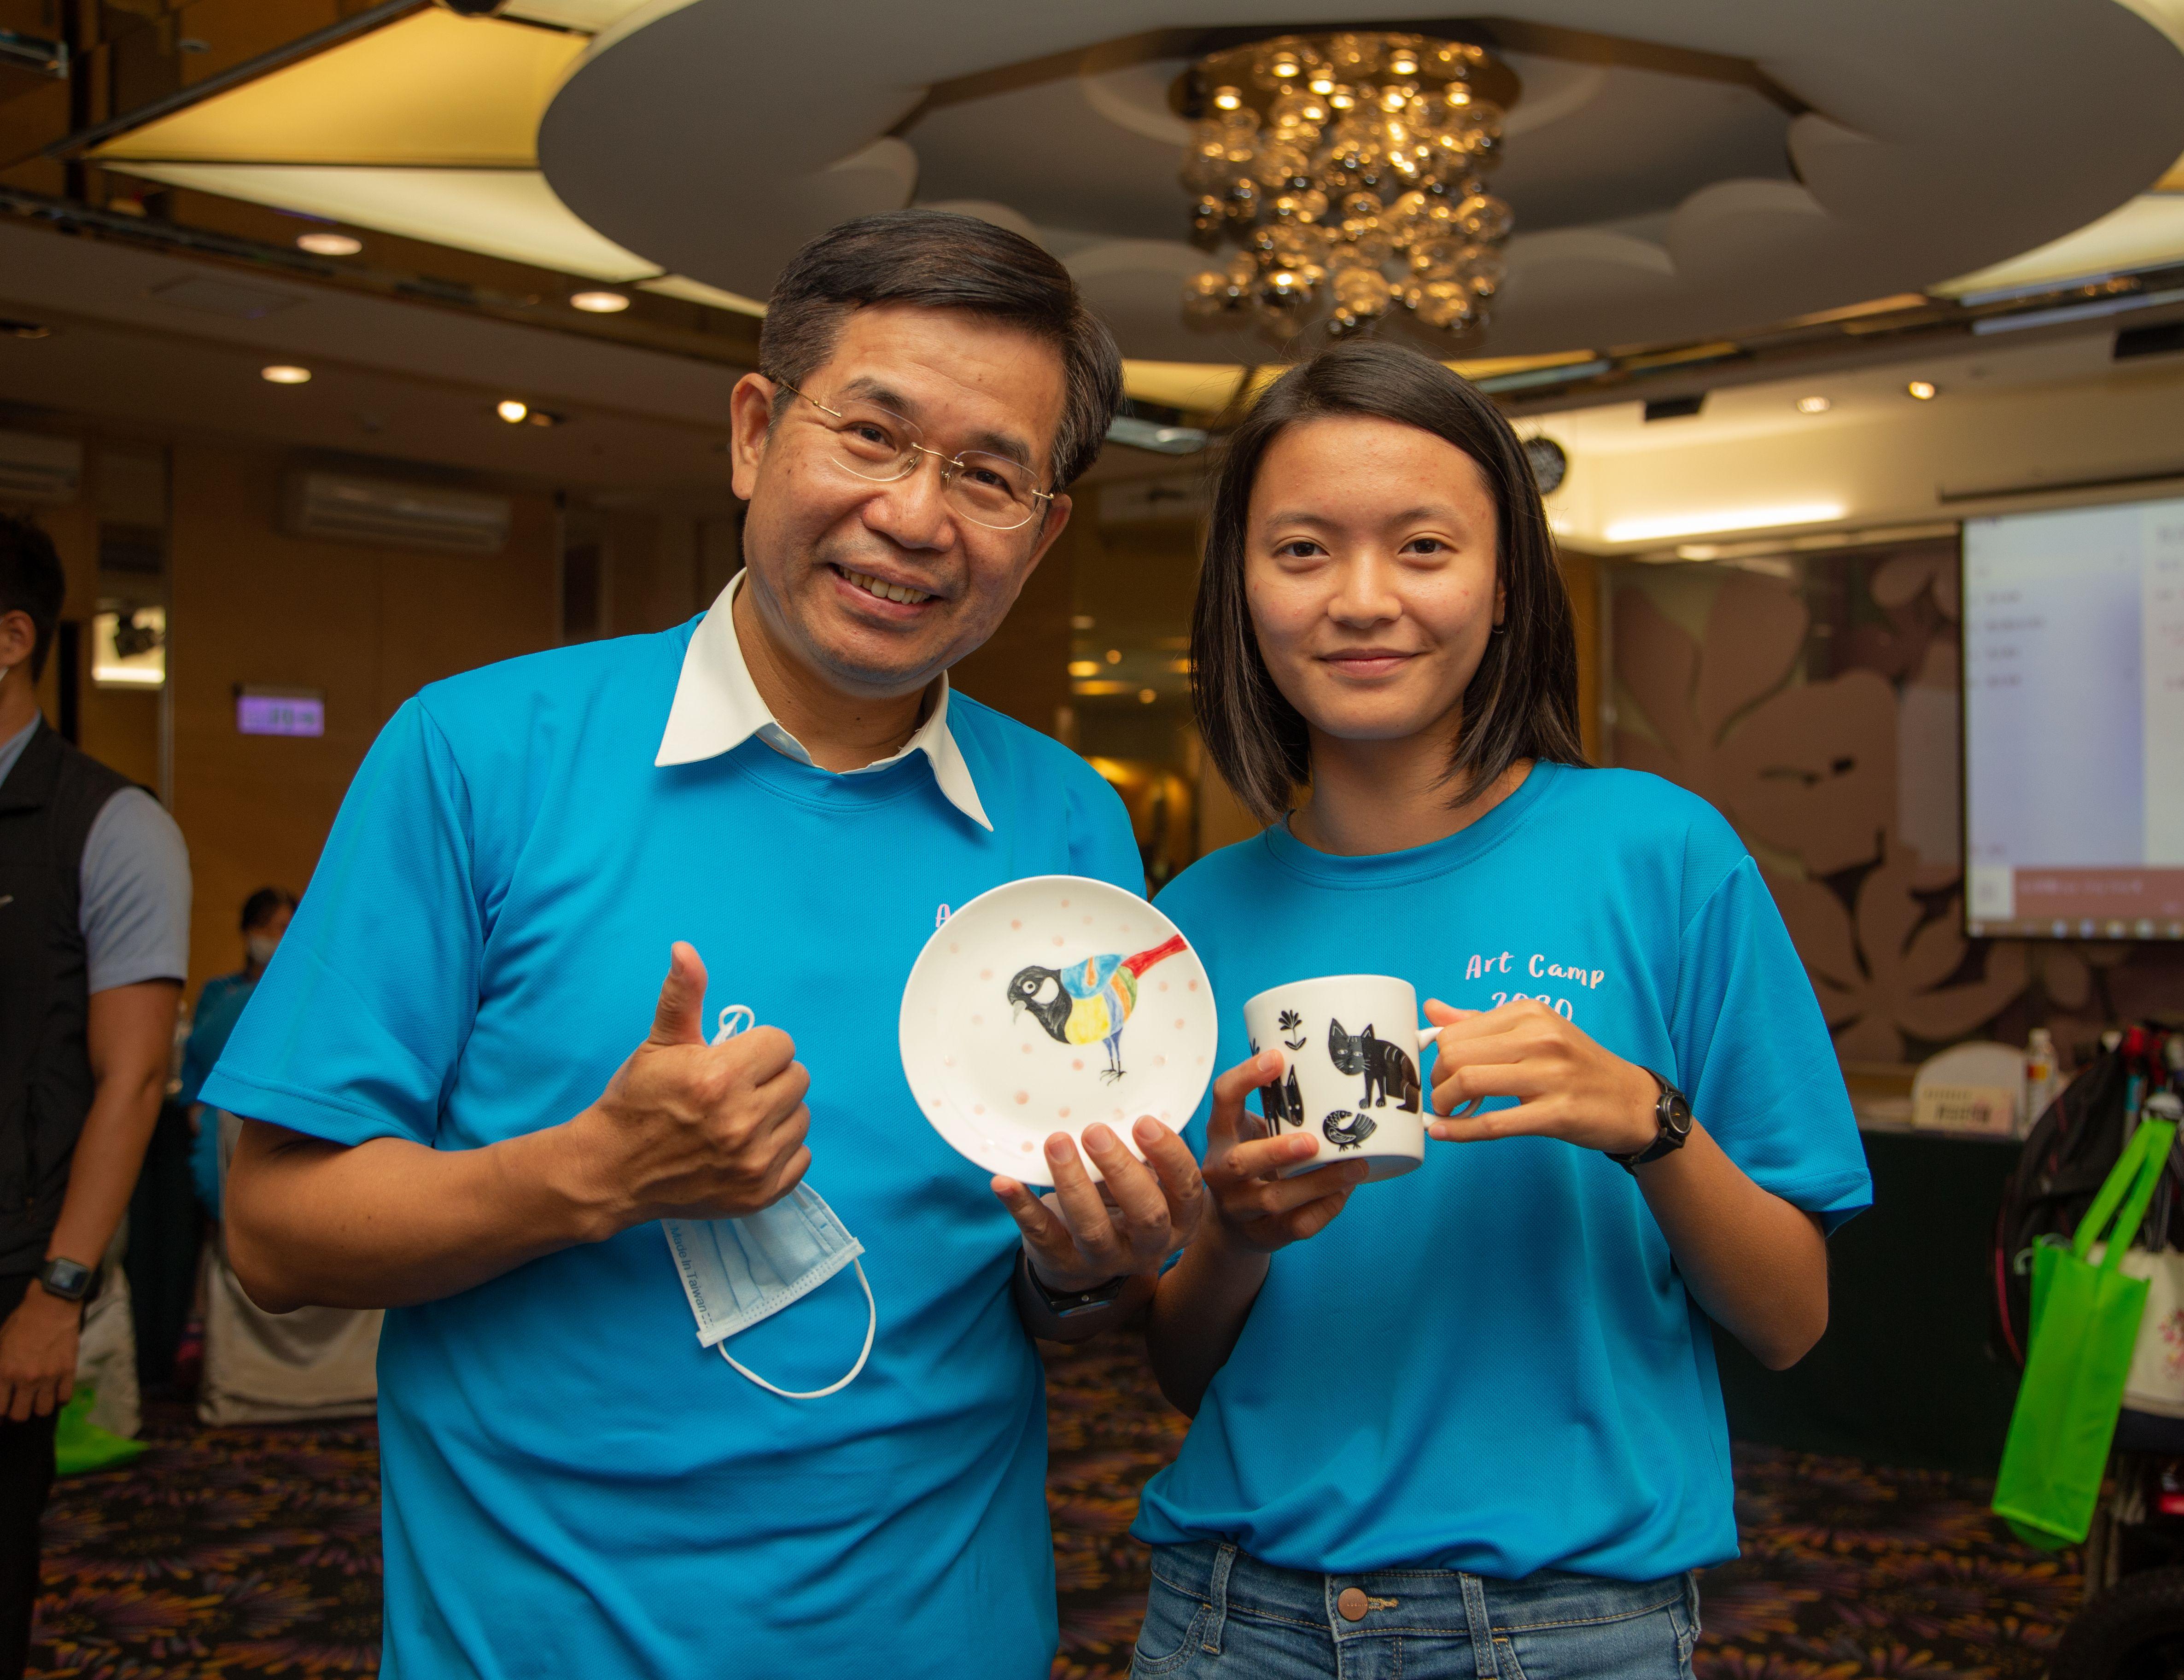 康宇瑄同學參與109年藝術夏令營,致贈本部潘文忠部長藝術彩繪陶杯及陶盤_大圖